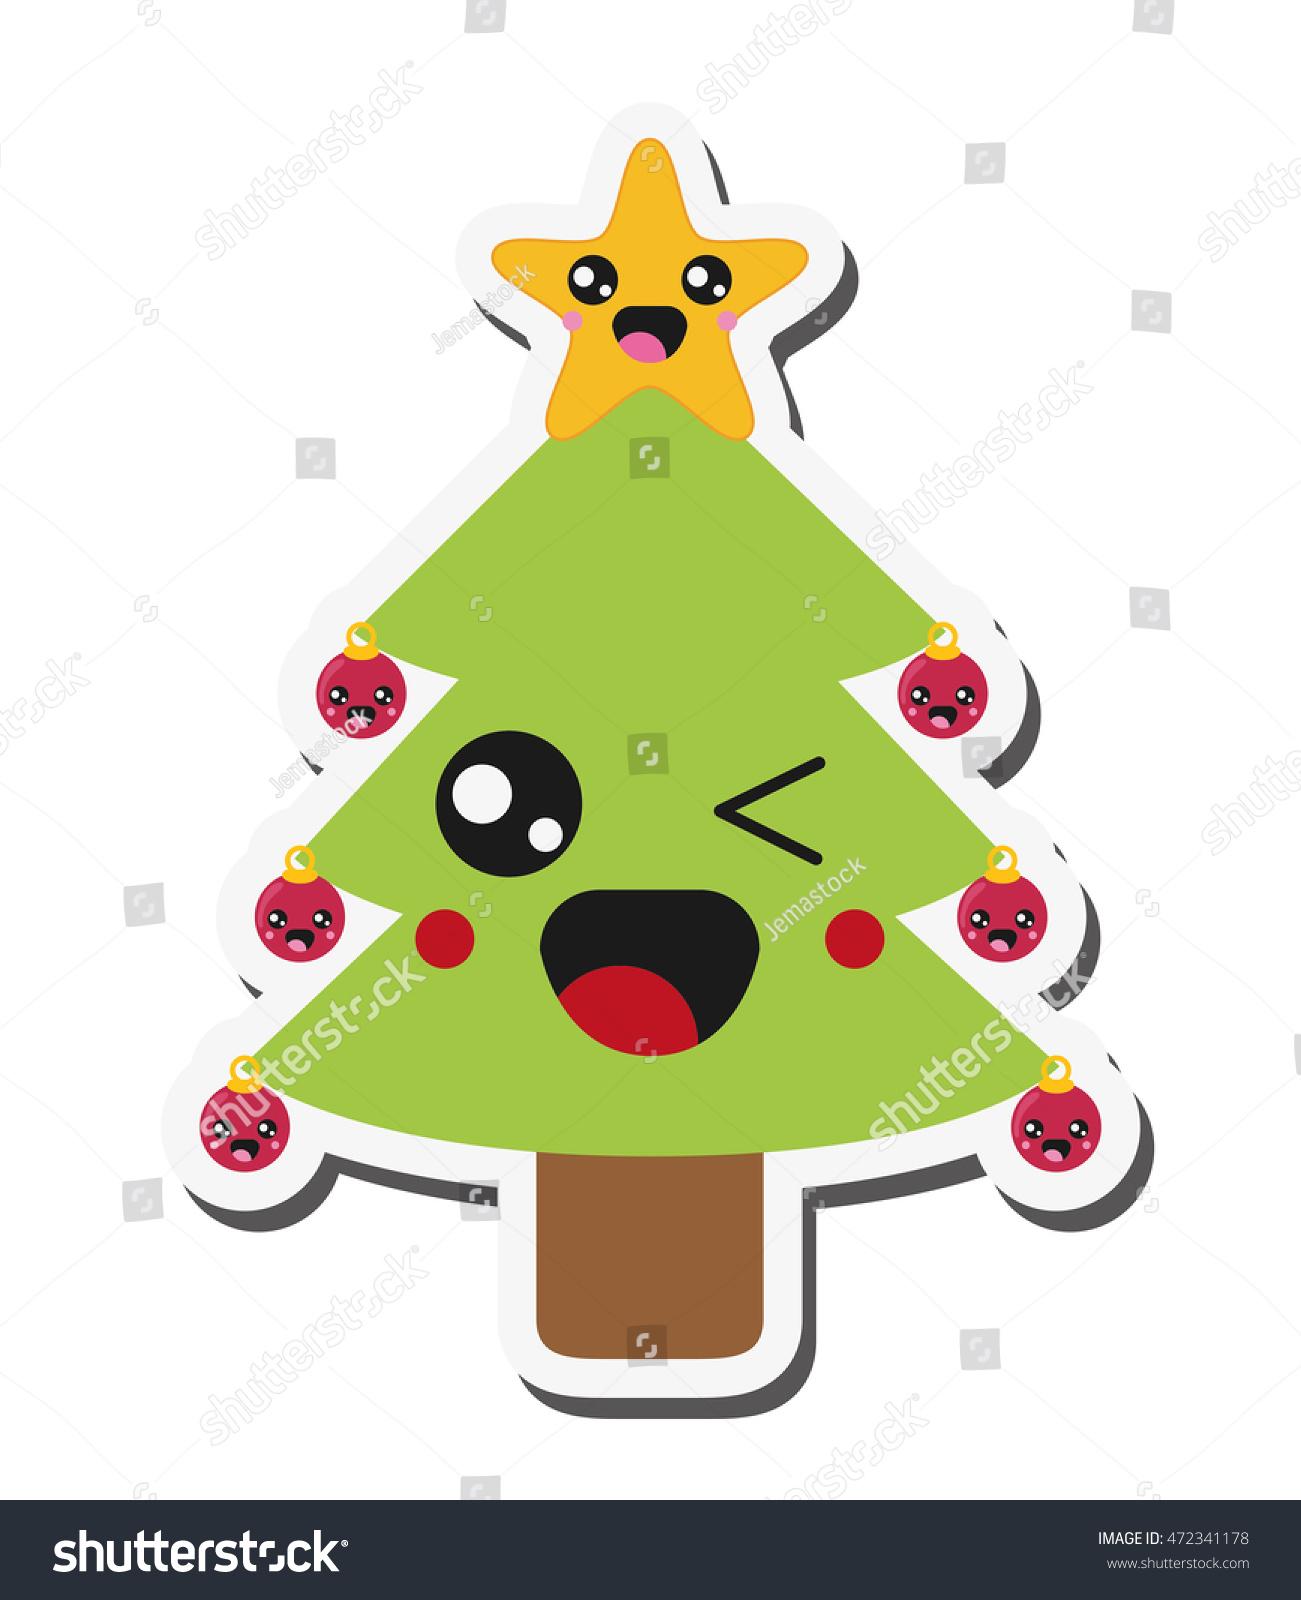 Flat Design Kawaii Christmas Tree Icon Stock Vector 472341178 ...